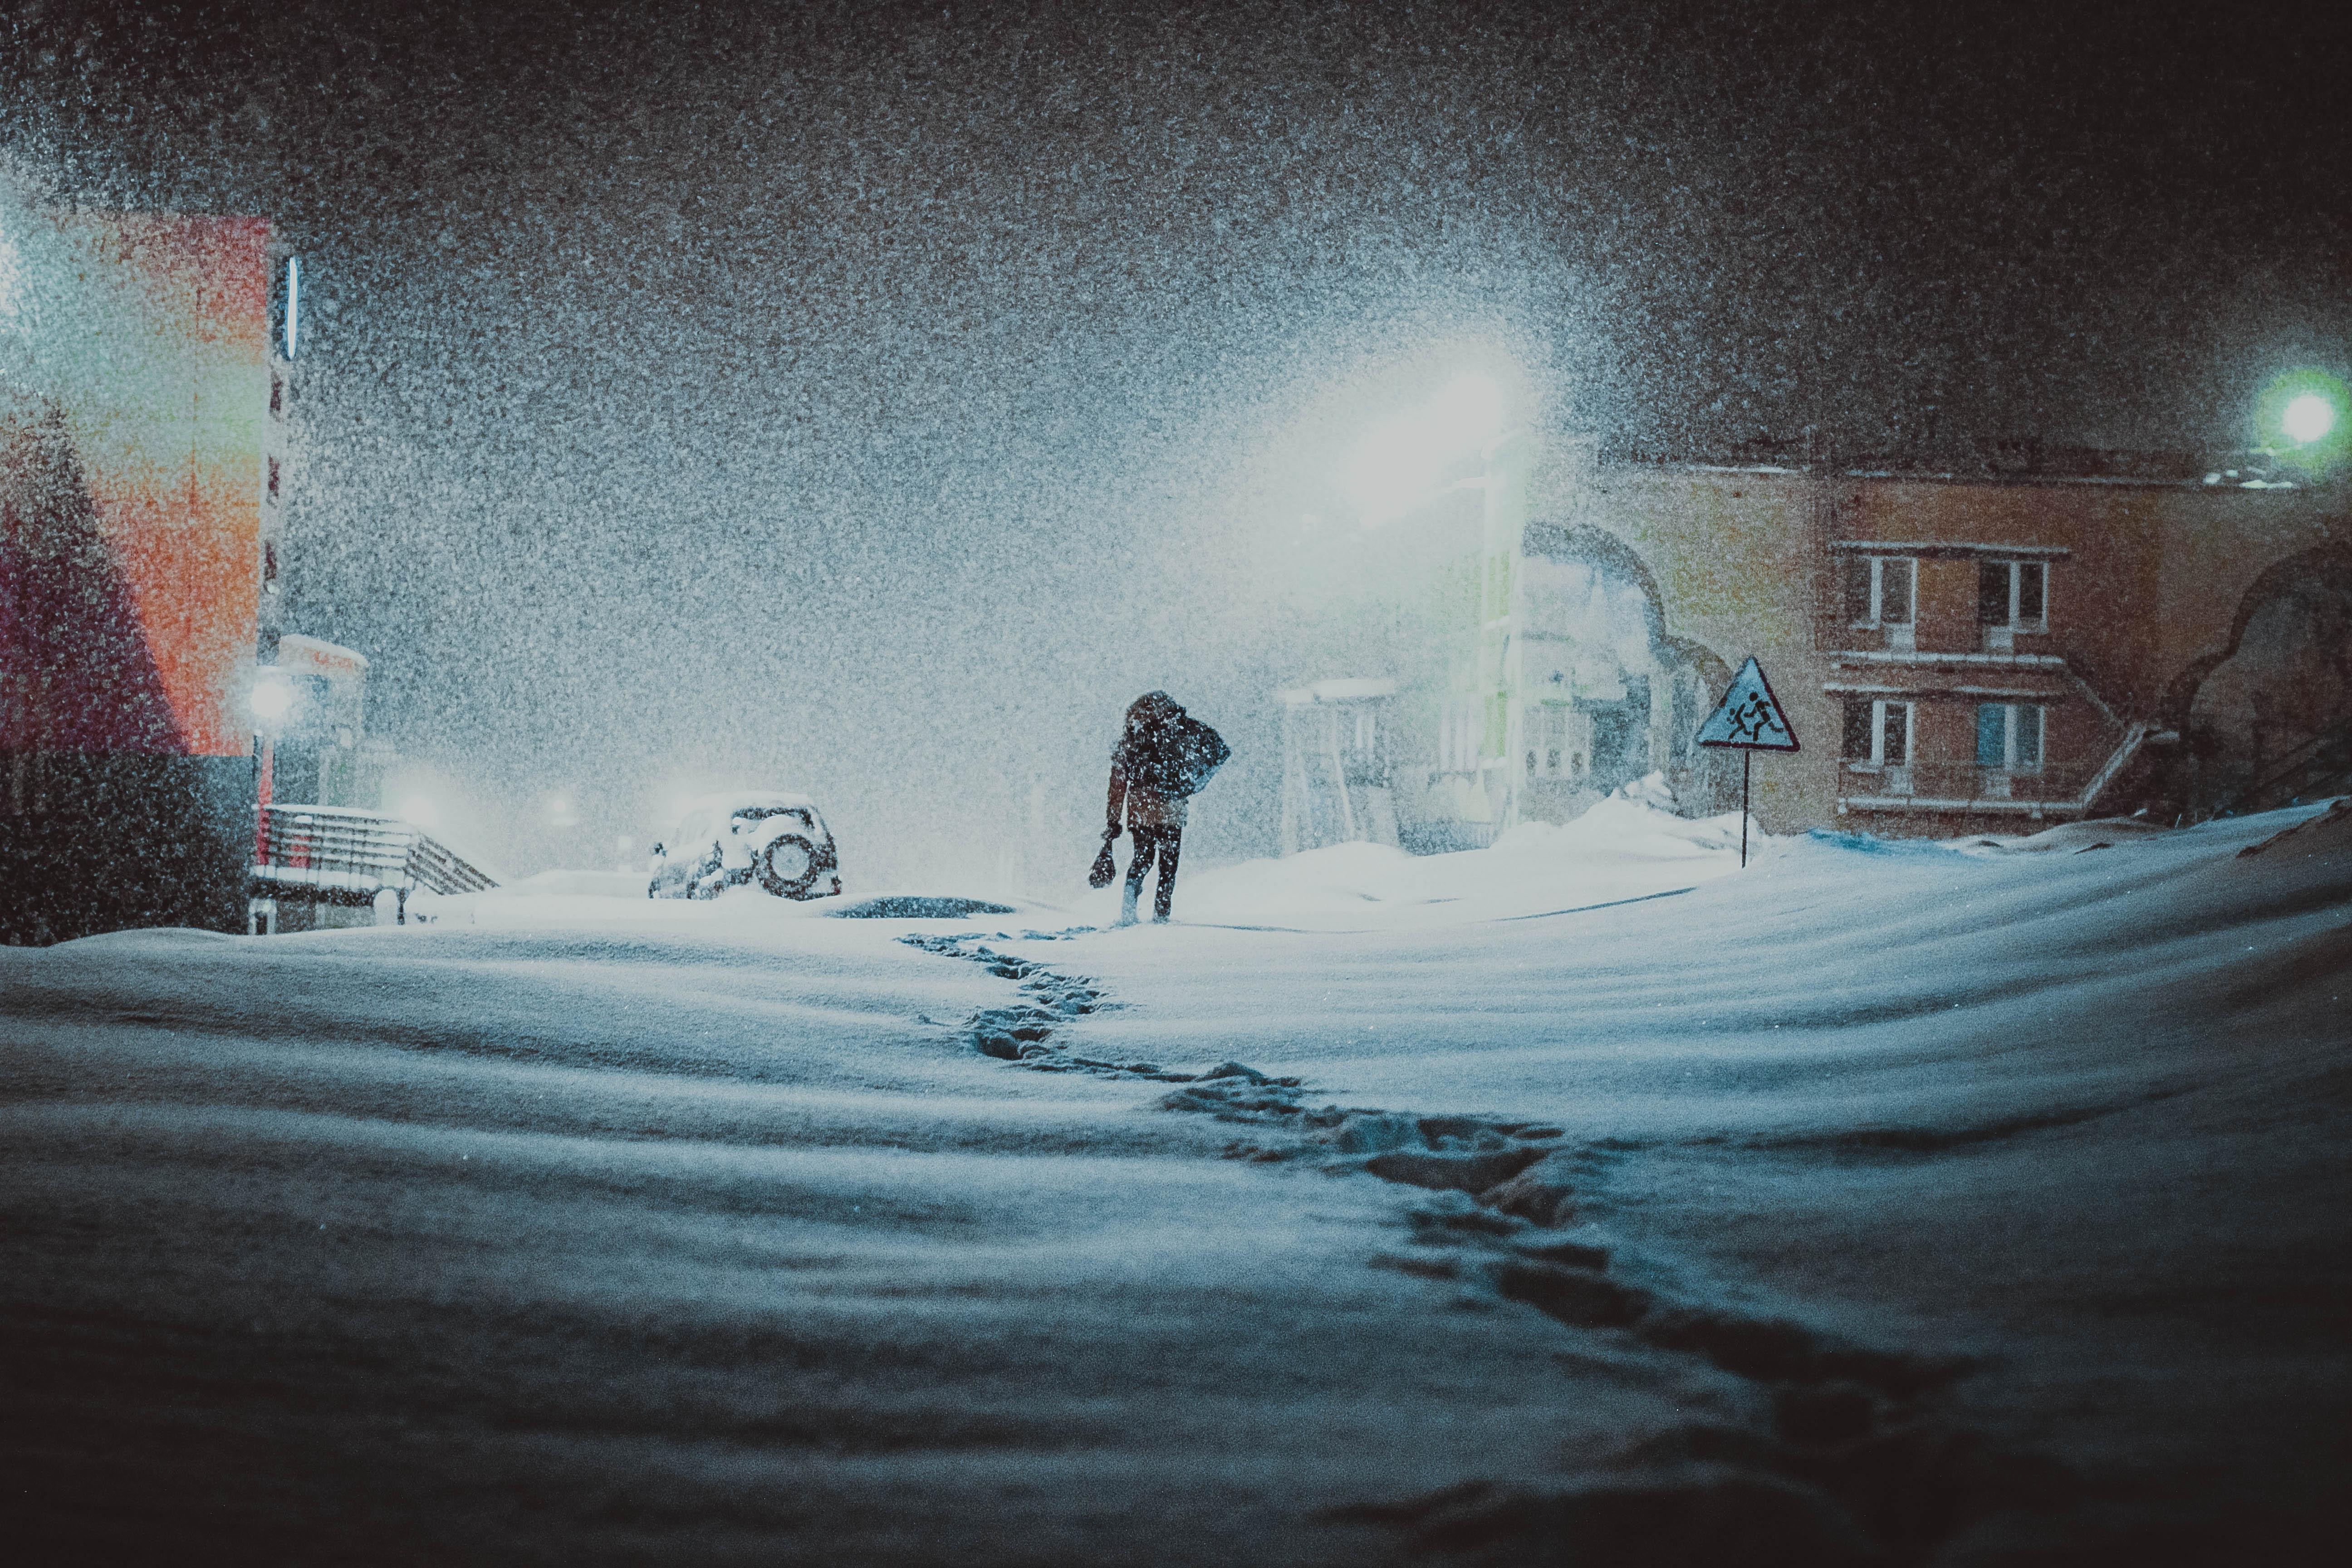 Comment J'ai Enterré Ma Dent à L'extrémité De L'océan Arctique photo